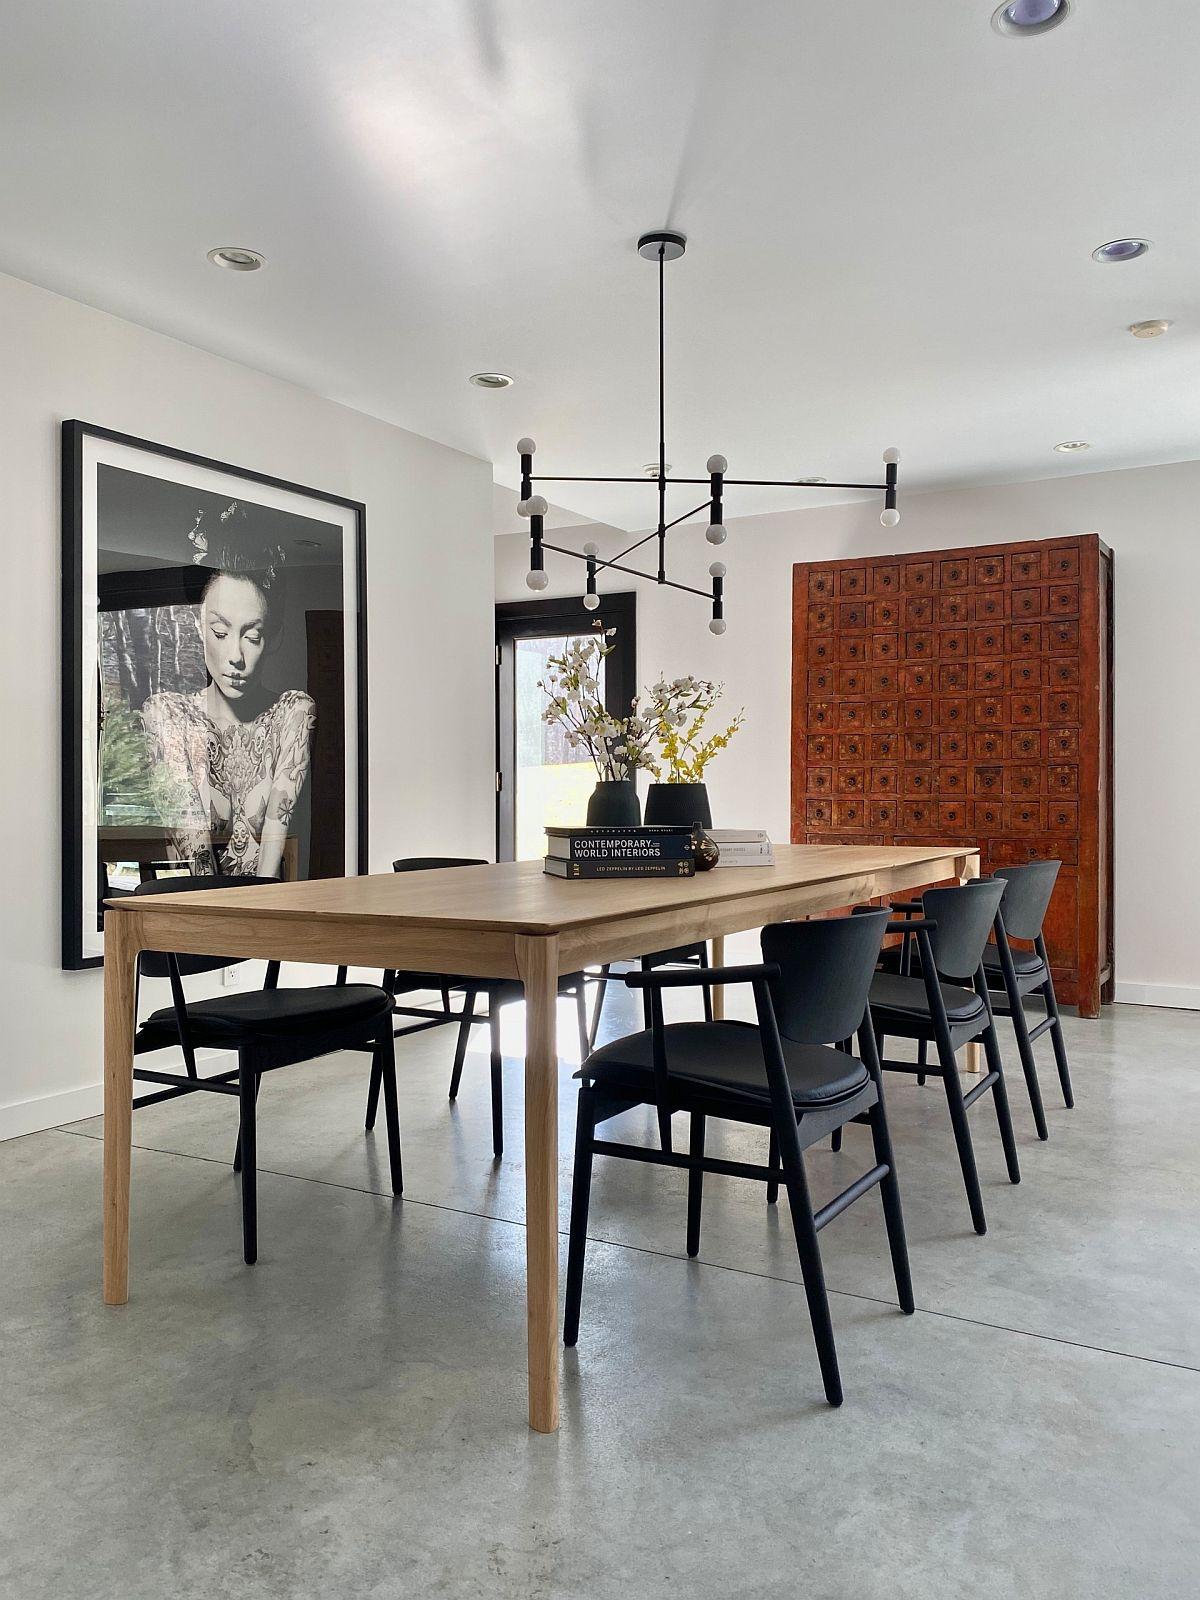 Tạo một sắc thái riêng cho không gian ăn uống nhà mình bằng những tác phẩm nghệ thuật treo tường.